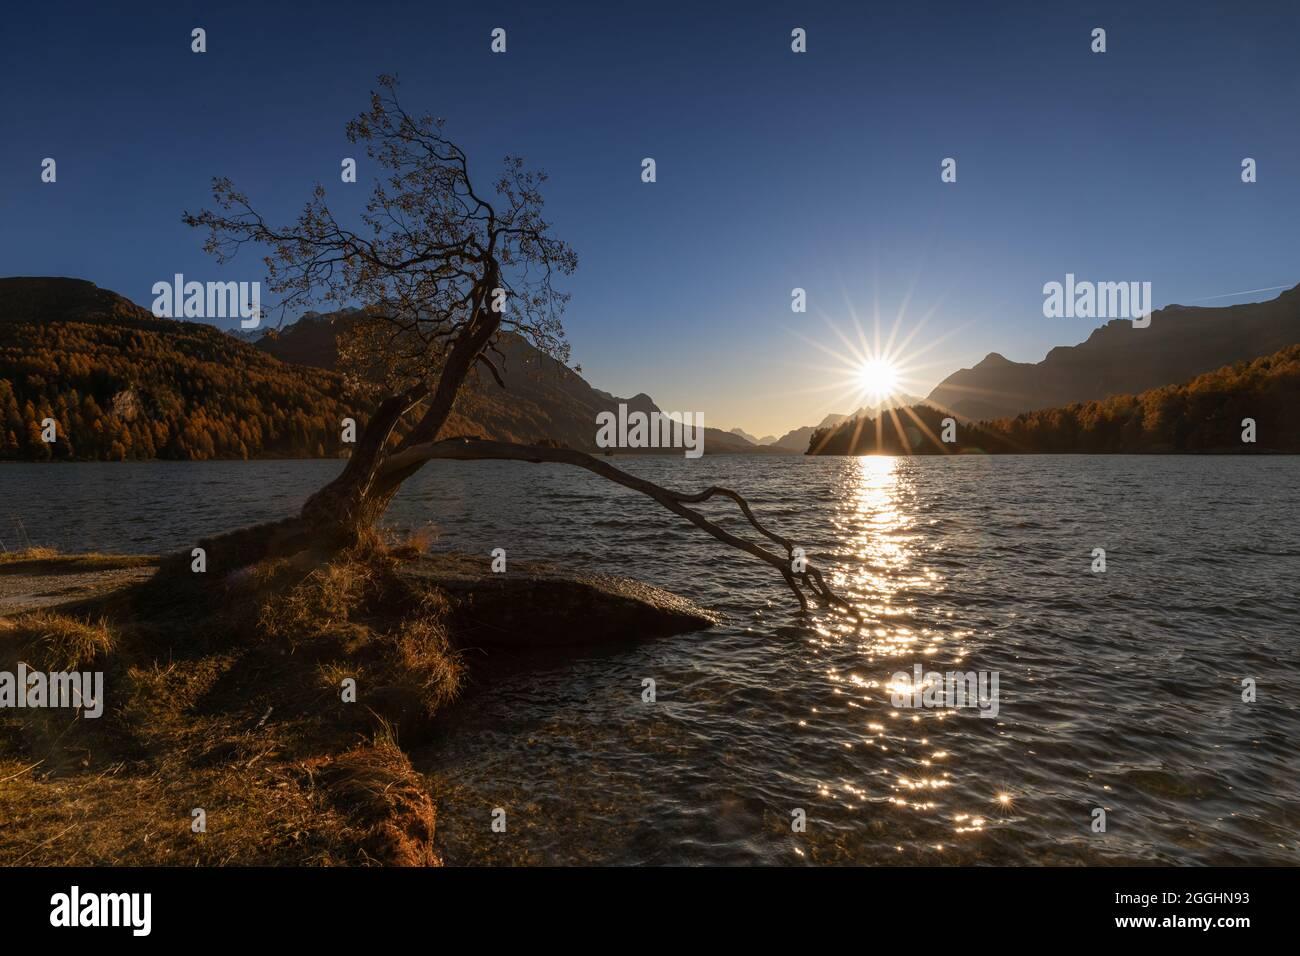 alter knorriger Baum, mit ins Wasser ragender Wurzel oder Ast am Silsersee in der Schweiz im Engadin im Herbst Stock Photo